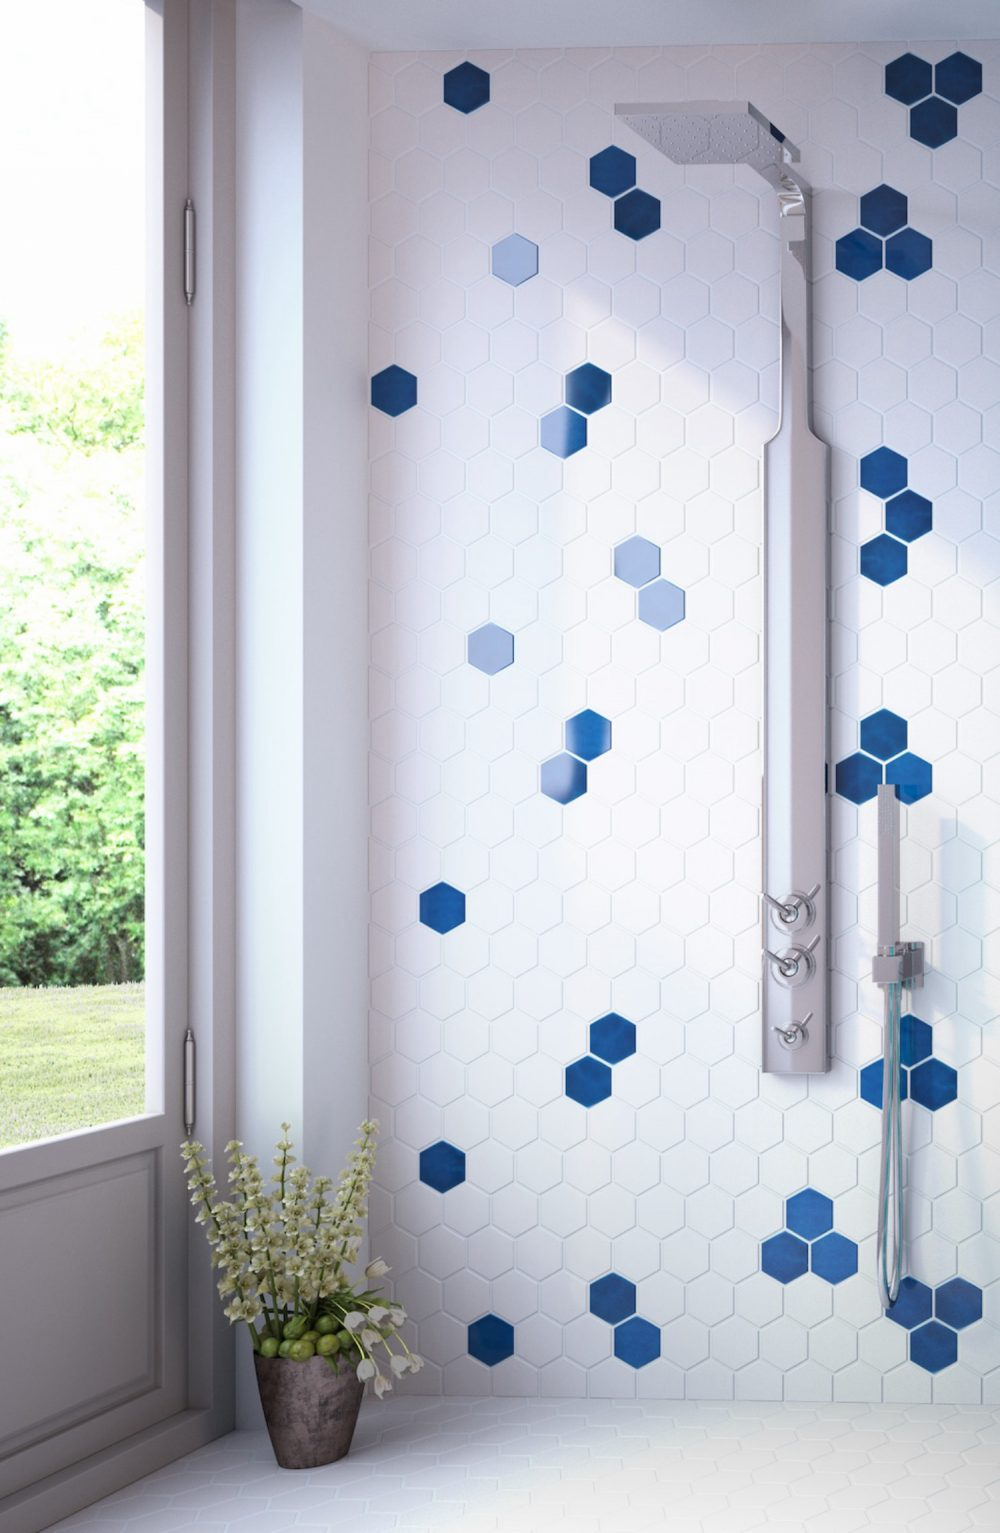 blue small hexagon tiles